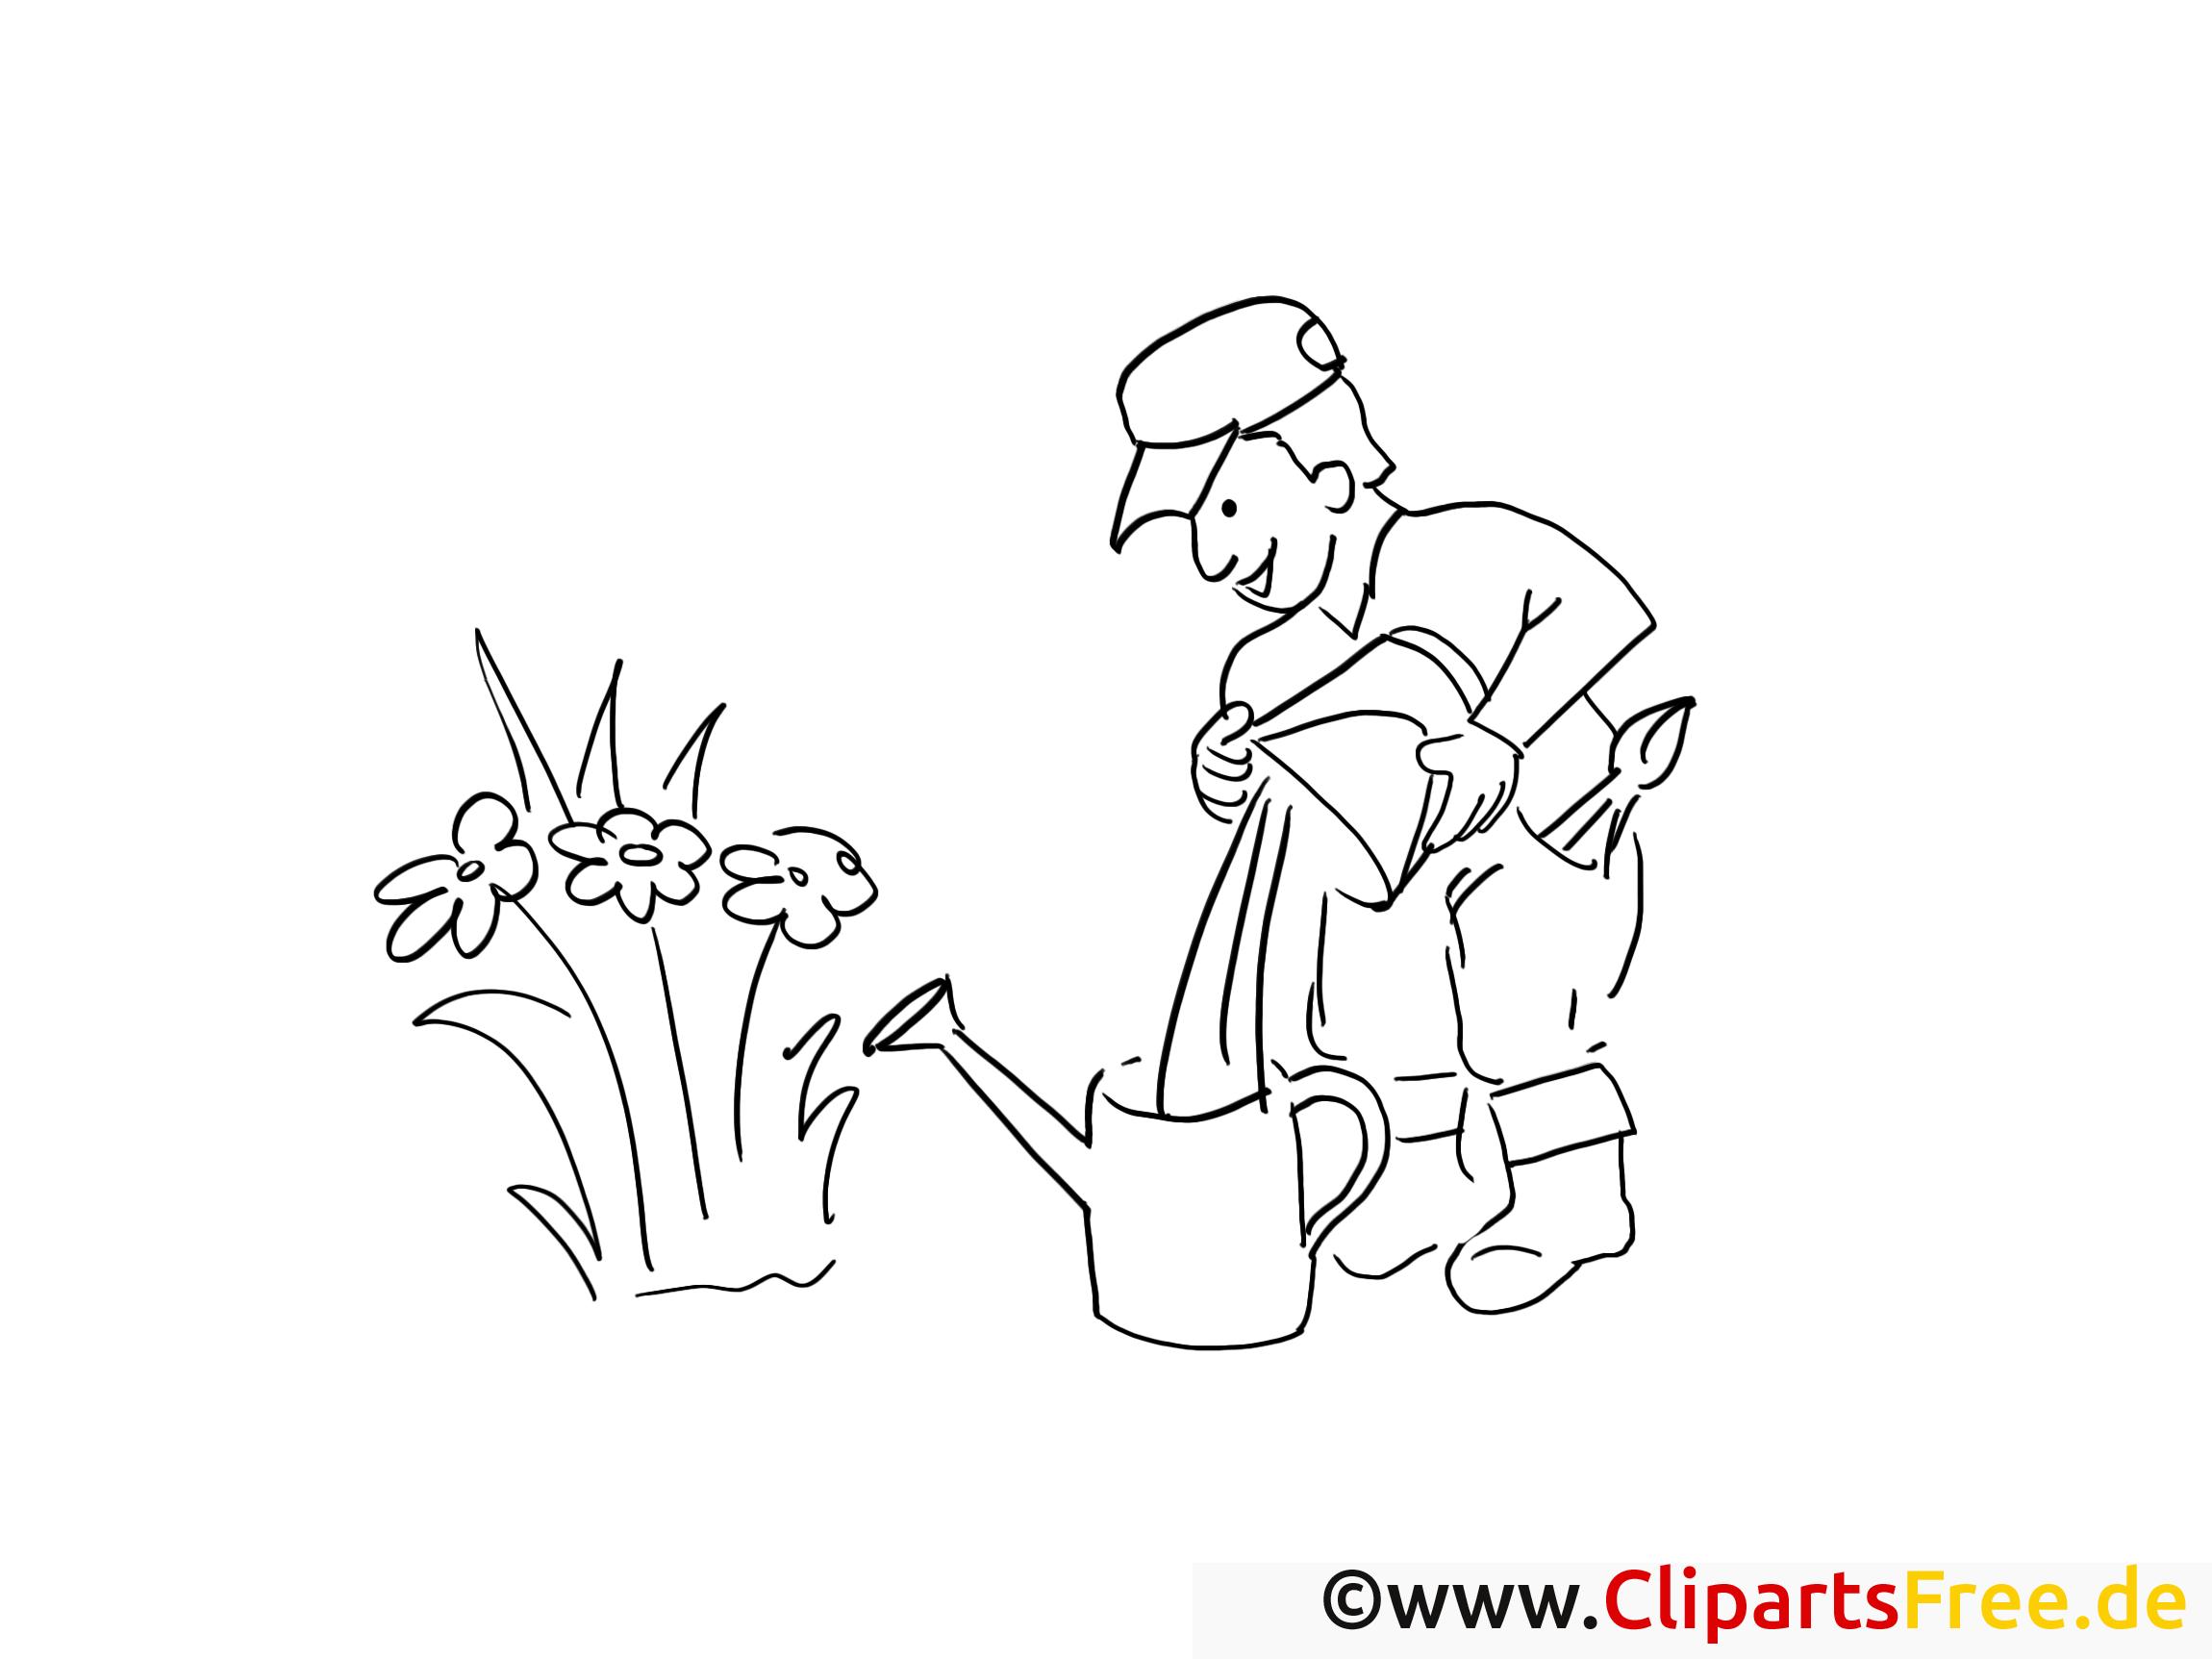 Arbeit auf dem Bauernhof - Ausmalbilder zum Ausdrucken